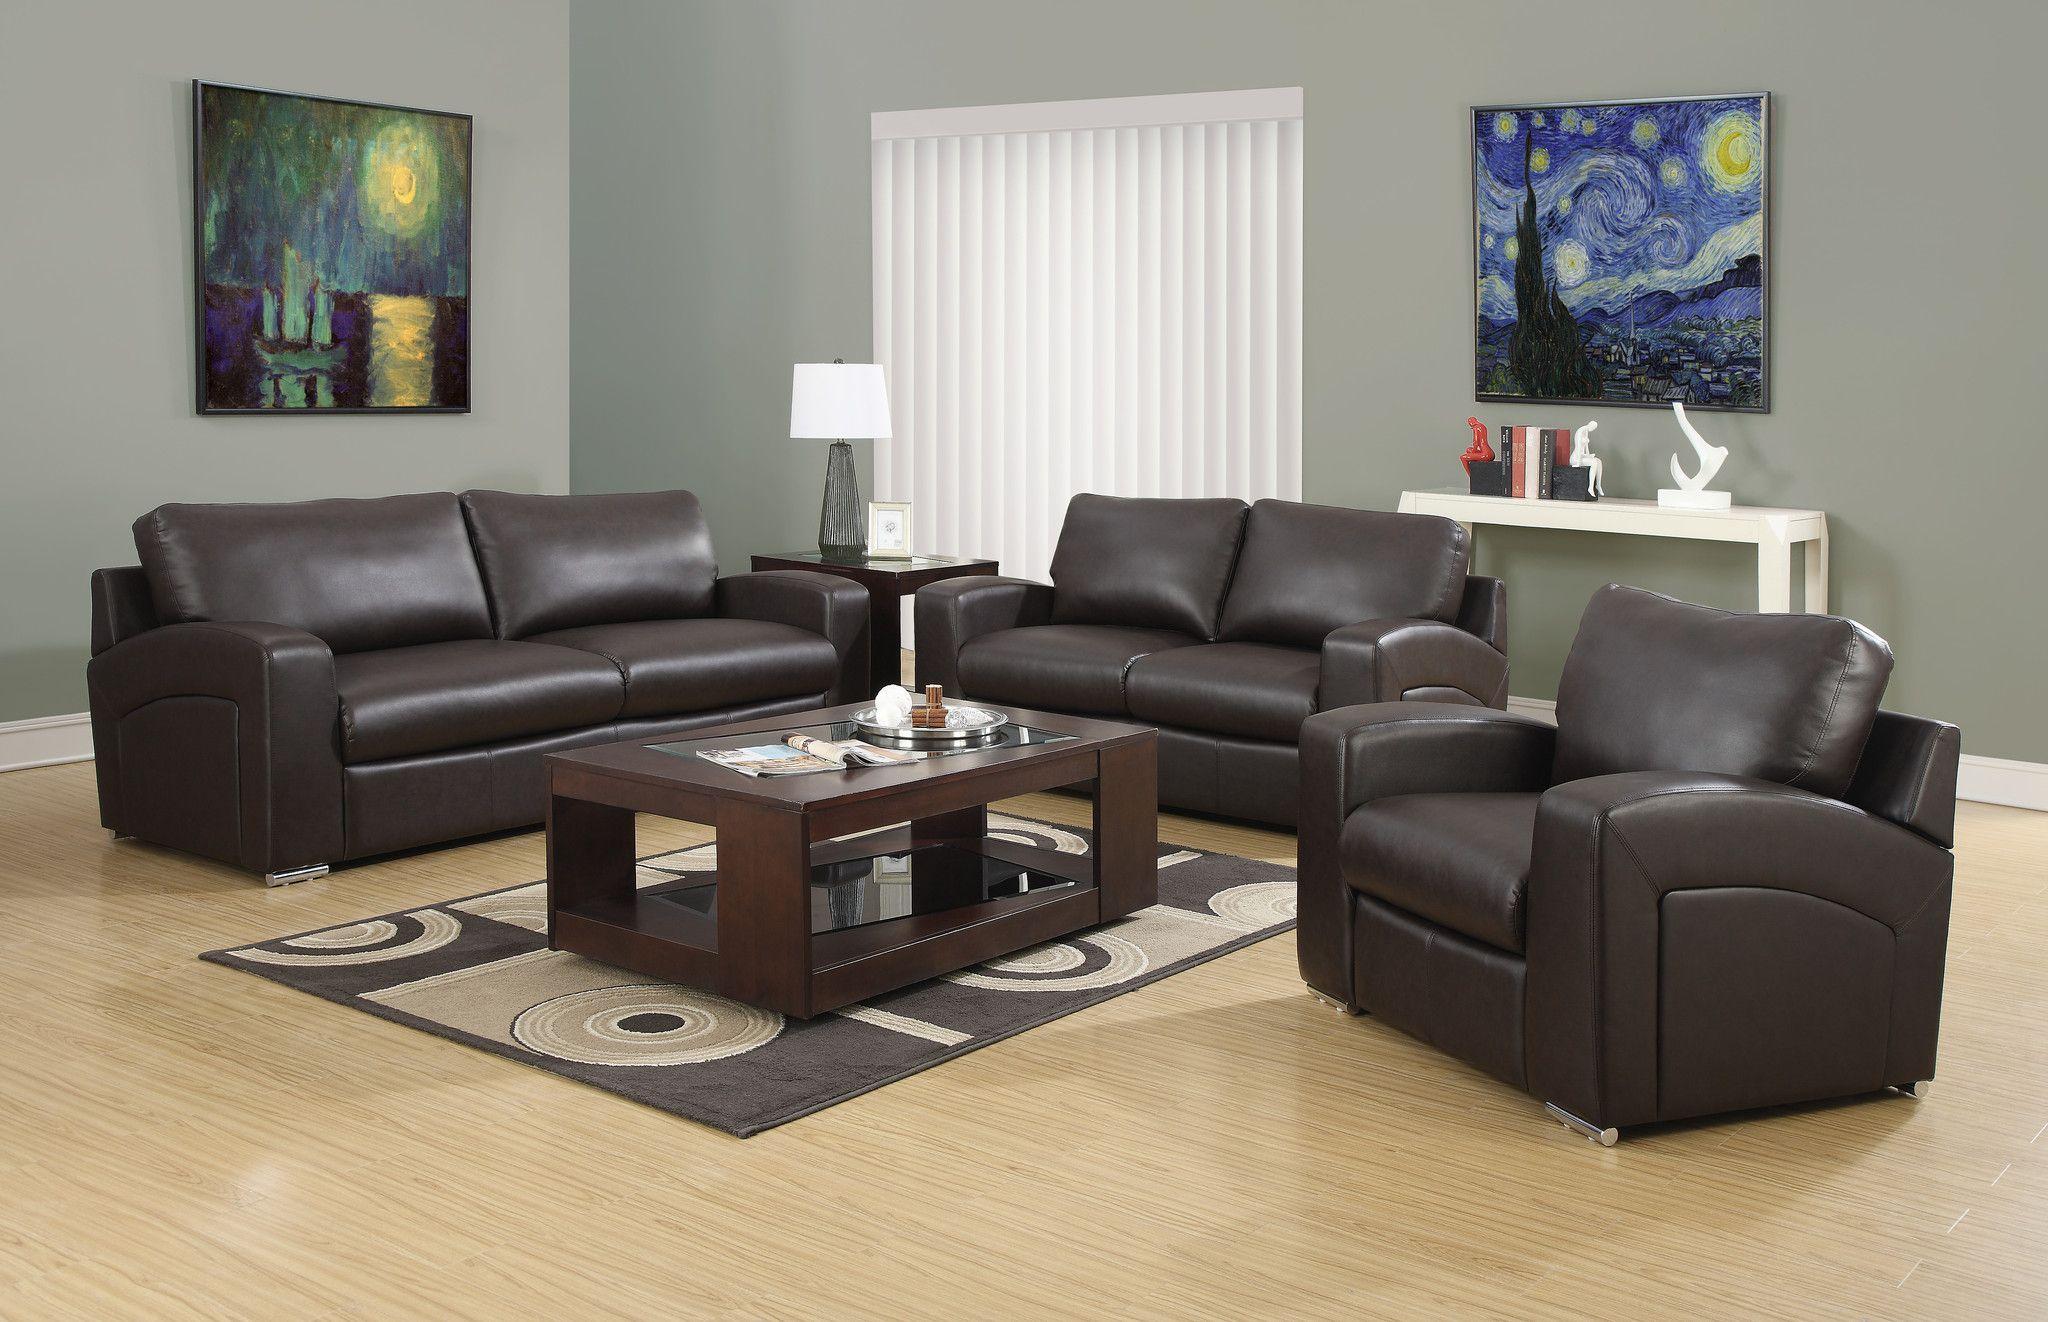 Lieblich Sofa   Dark Brown Bonded Leather Dunkelbraune Sofas, Wohnzimmereinrichtung,  Wohnzimmer Stühle, Eßzimmerstühle,